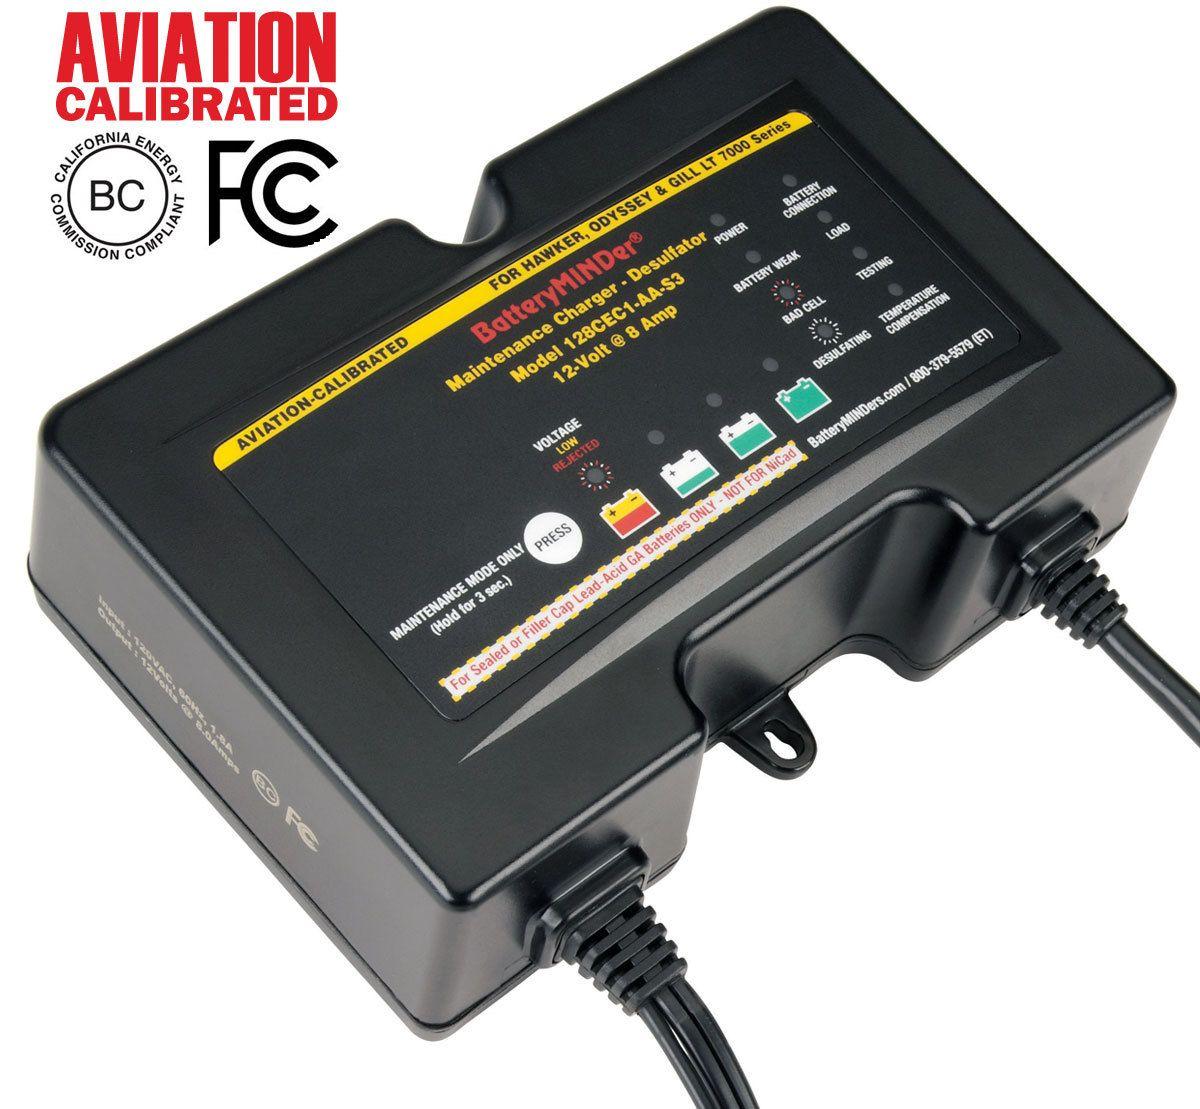 Batteryminder model 128cec1aas3 12v 248 amp hawker